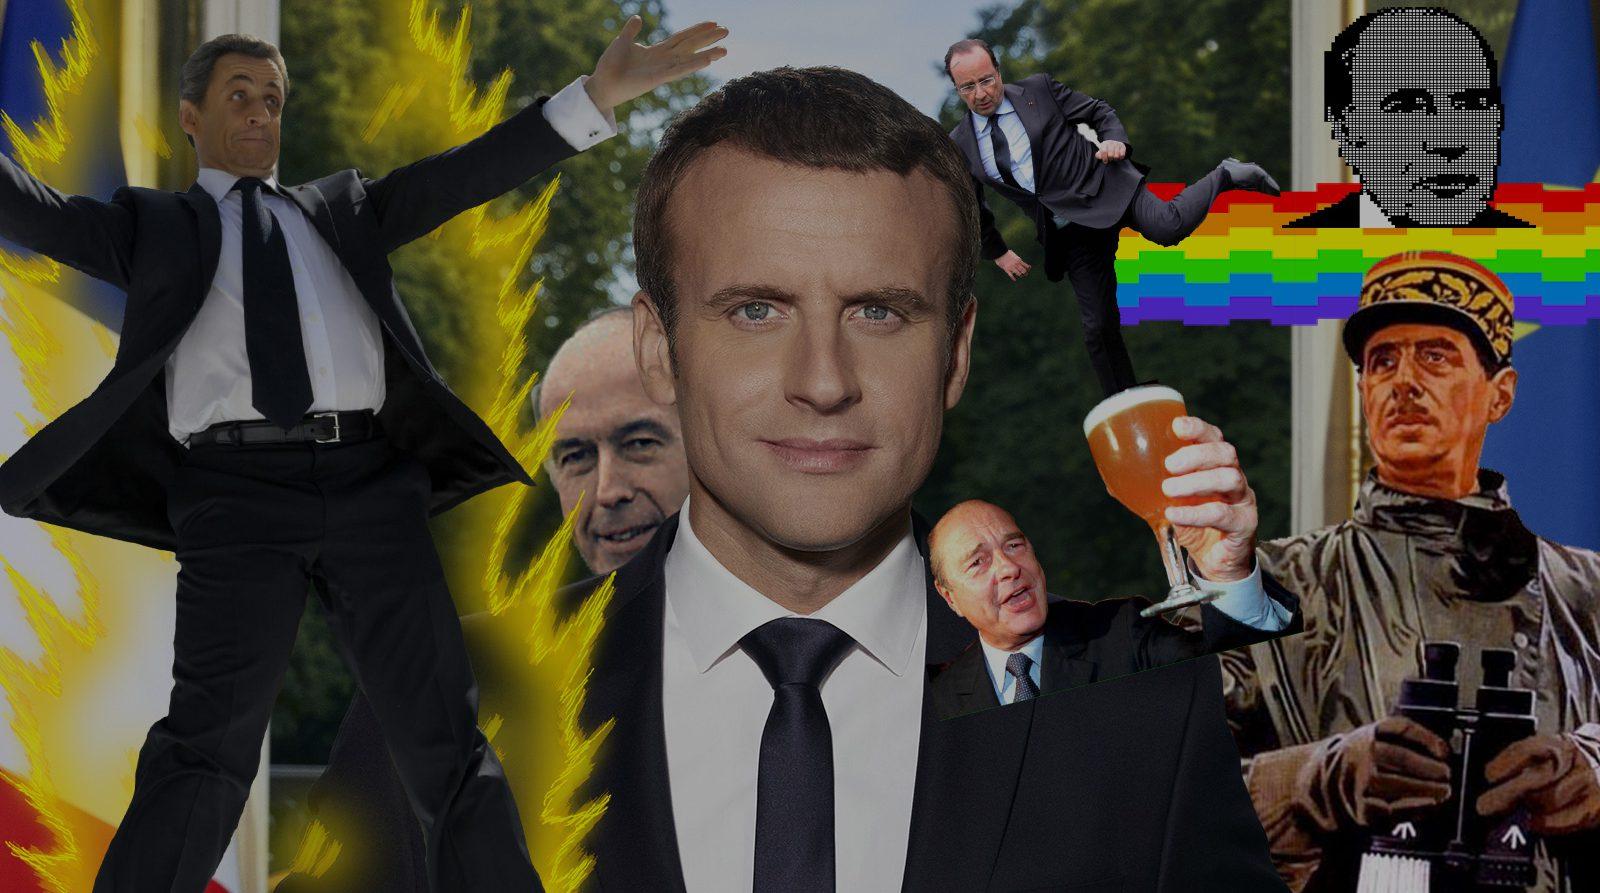 Qui est le président le plus haï de la Vᵉ République?